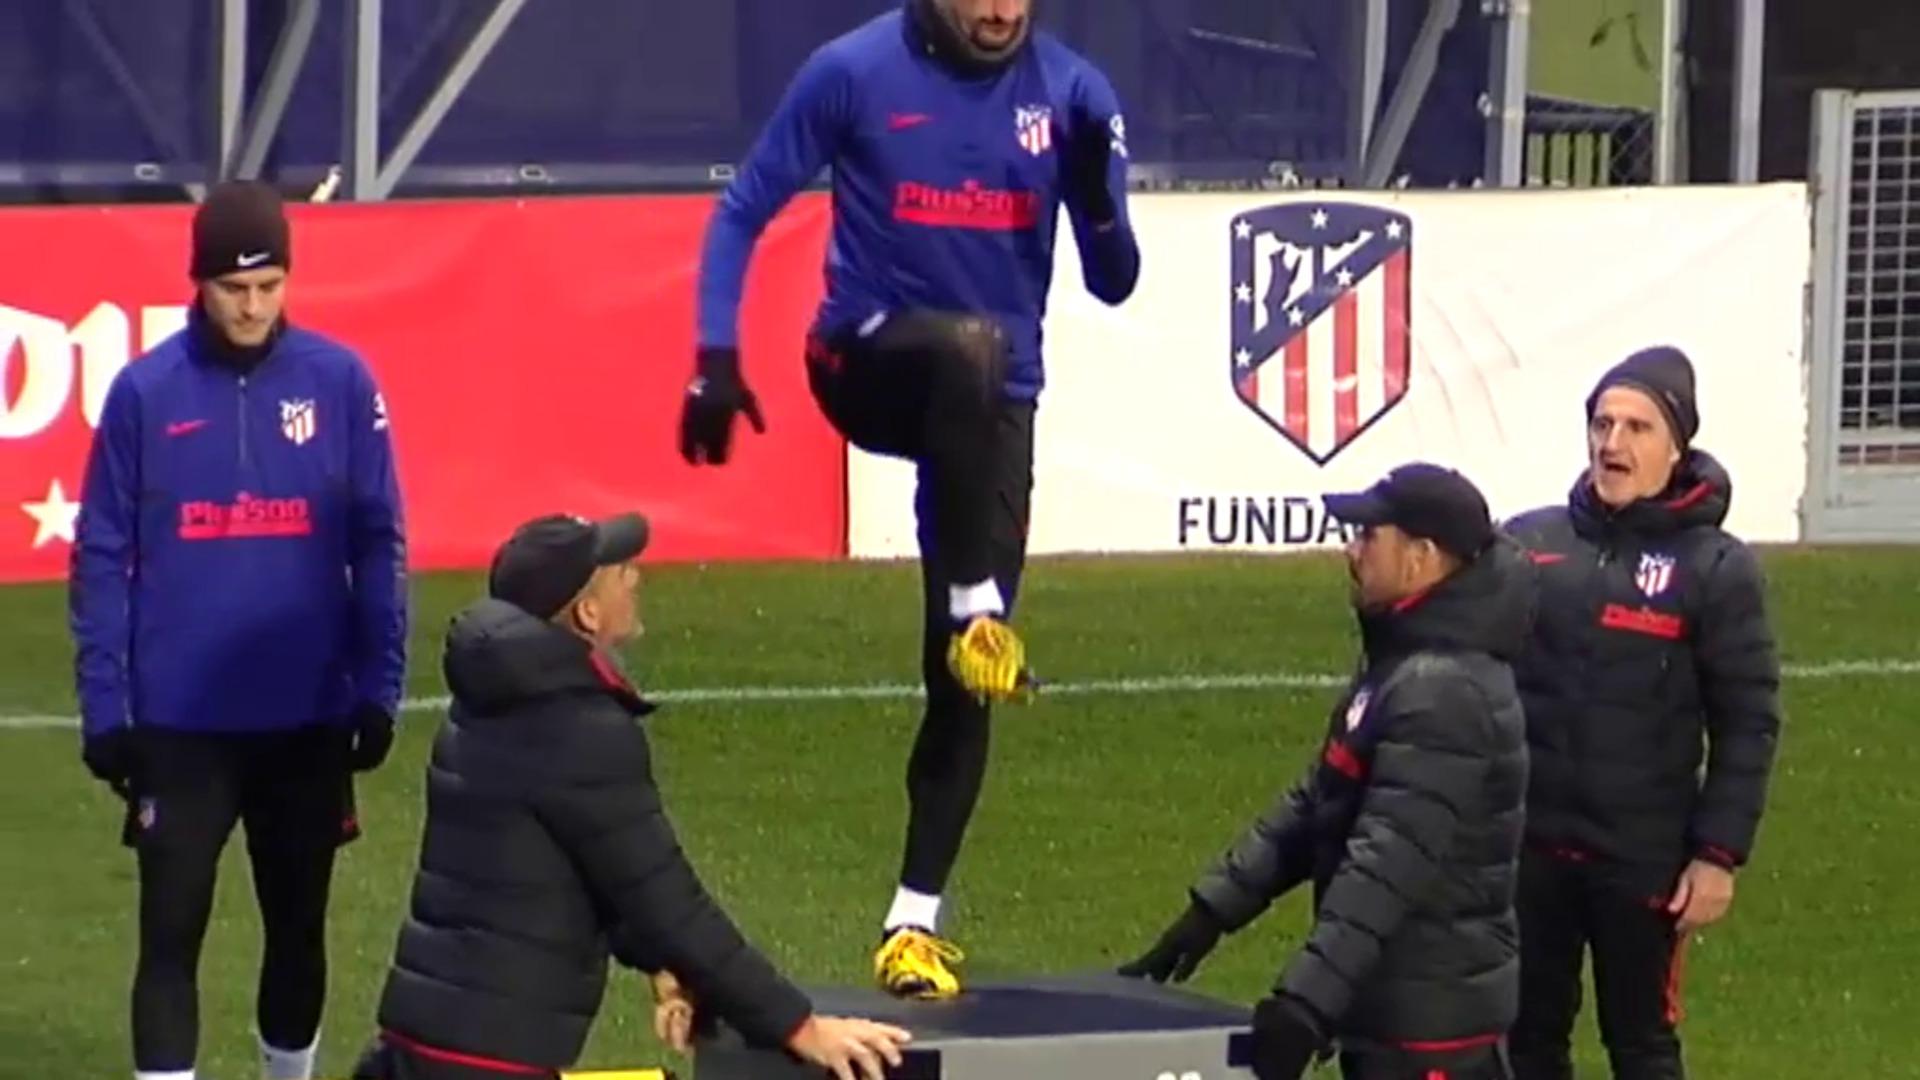 Caras de pocos amigos en el entrenamiento del Atlético